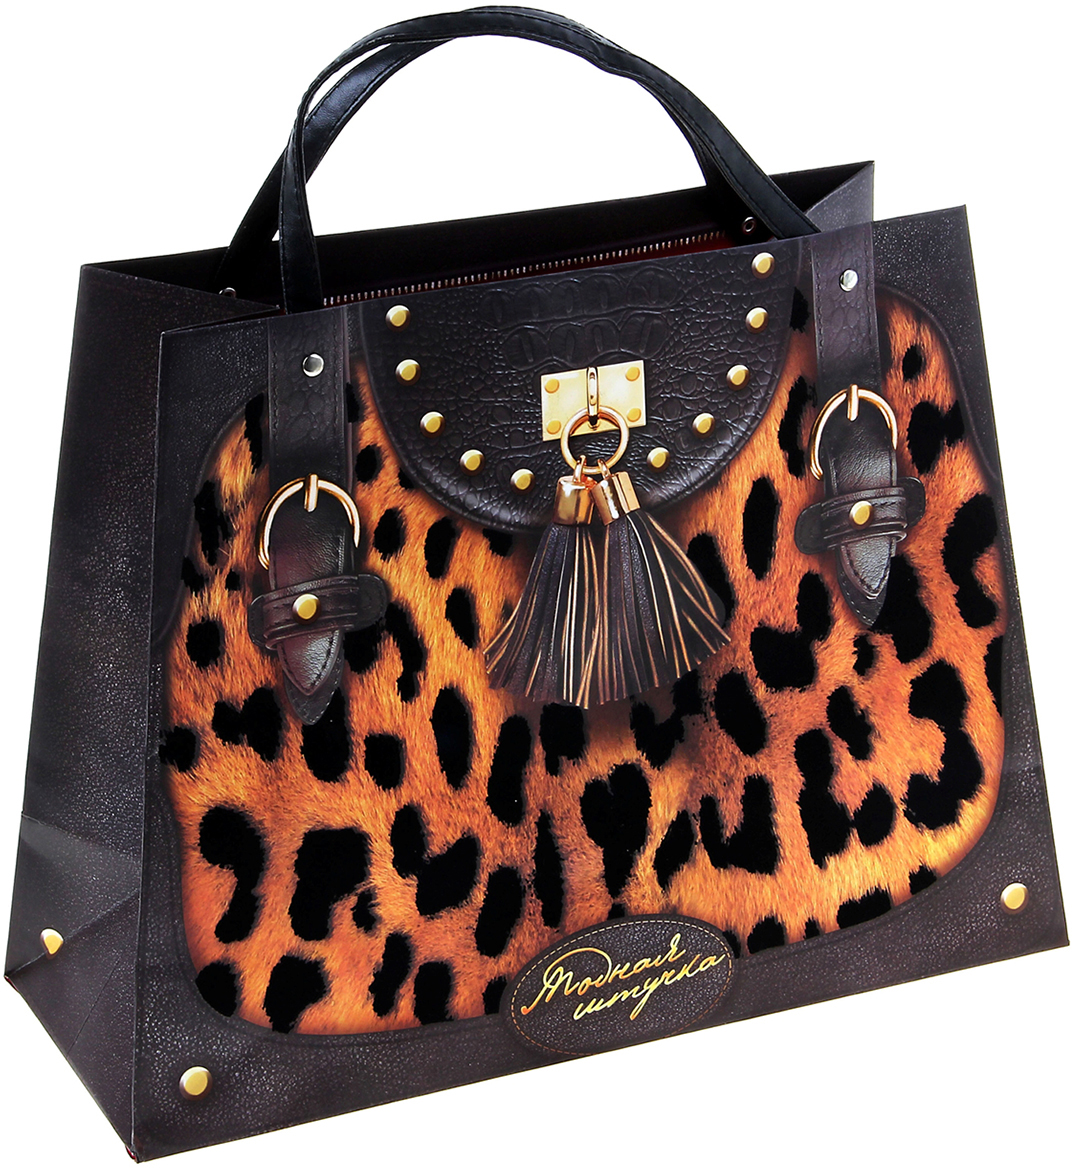 Яркие, стильные, ультрасовременные пакеты-сумки выполнены из плотного картона и декорированы прочными ручками из кожи, пластика и металлических цепочек. Специальные эффекты, используемые при печати, идеально подчеркивают фактуры ткани, кожи, меха и замши. Внутри на дне спрятан комплимент-пожелание, который будет поднимать настроение прекрасной обладательнице каждый день.